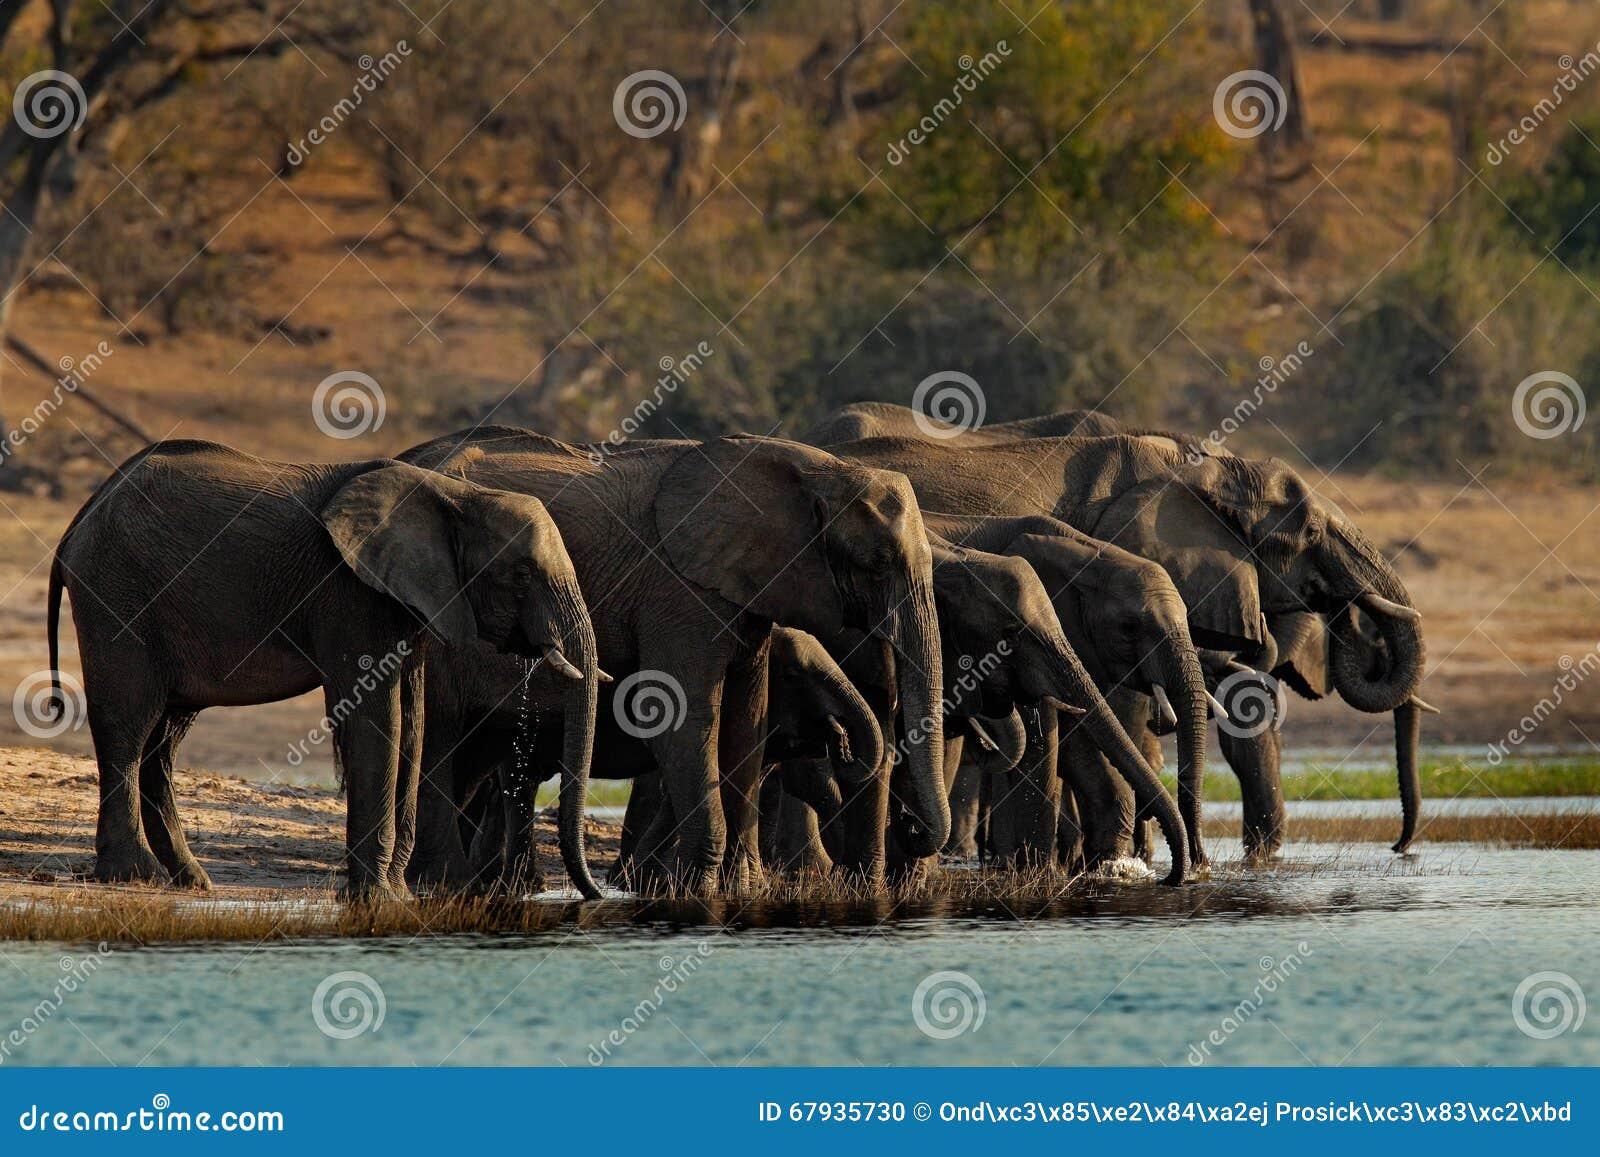 Un troupeau d éléphants africains buvant à un point d eau soulevant leurs troncs, parc national de Chobe, Botswana, Afrique